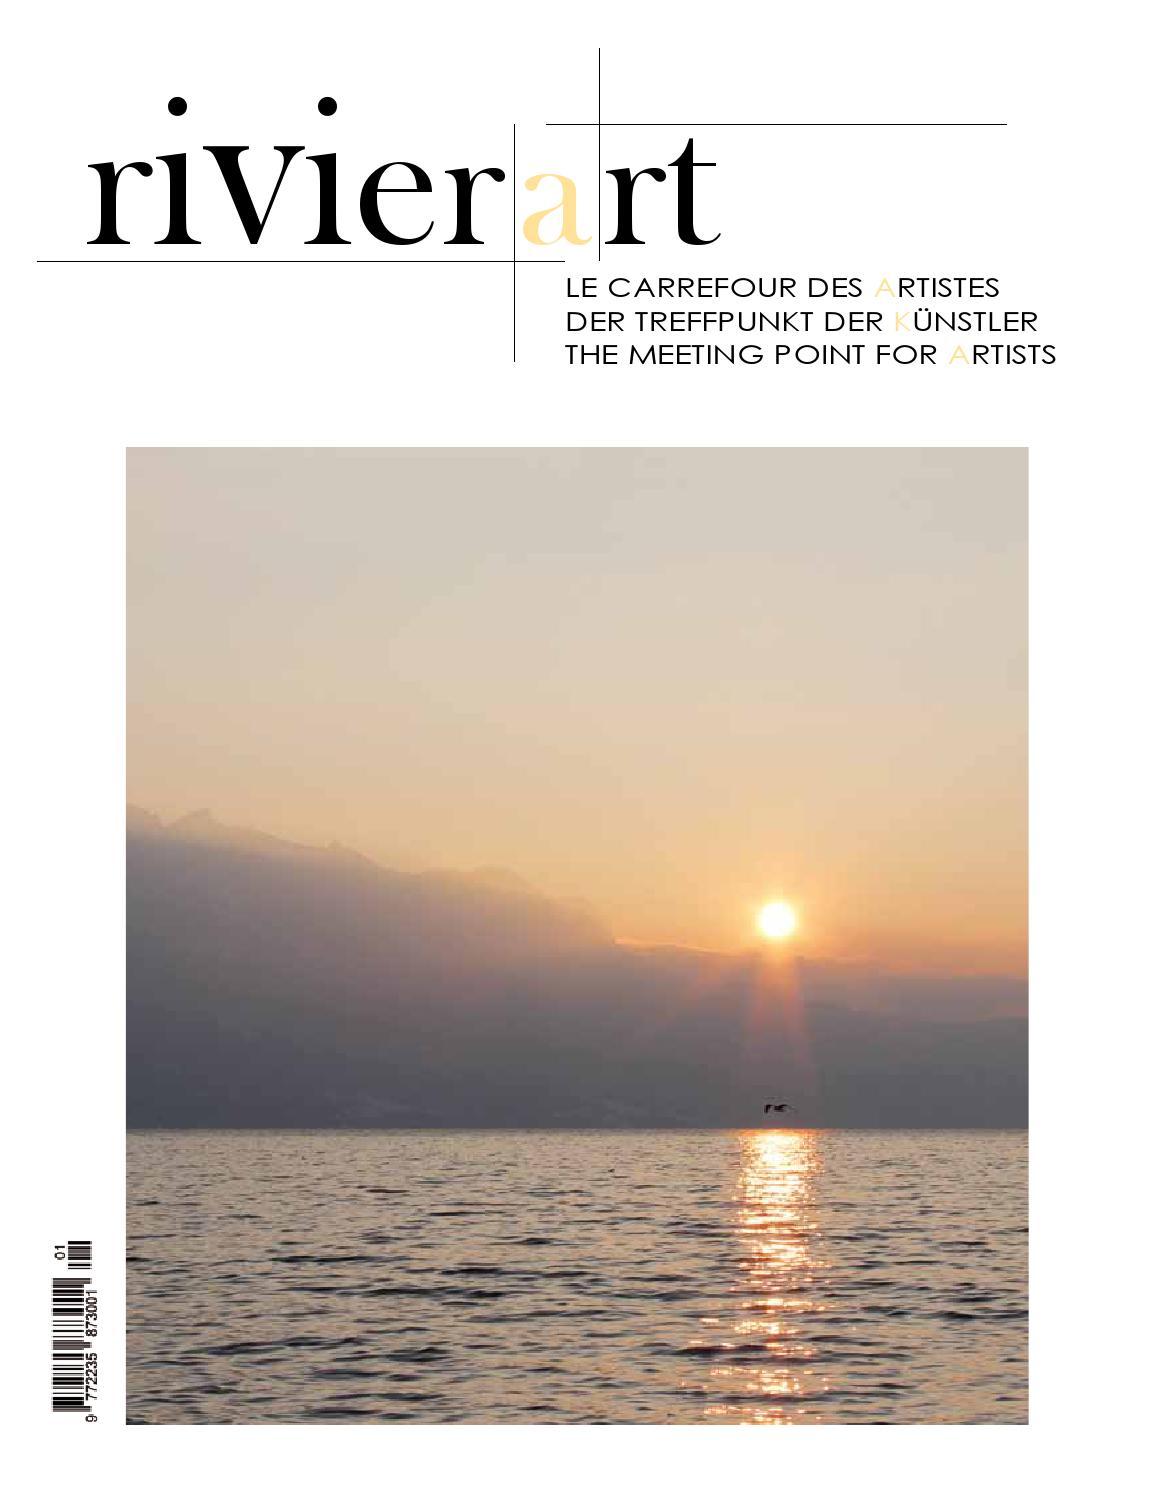 Rivierart n11 02 2014 by Rivierart - issuu